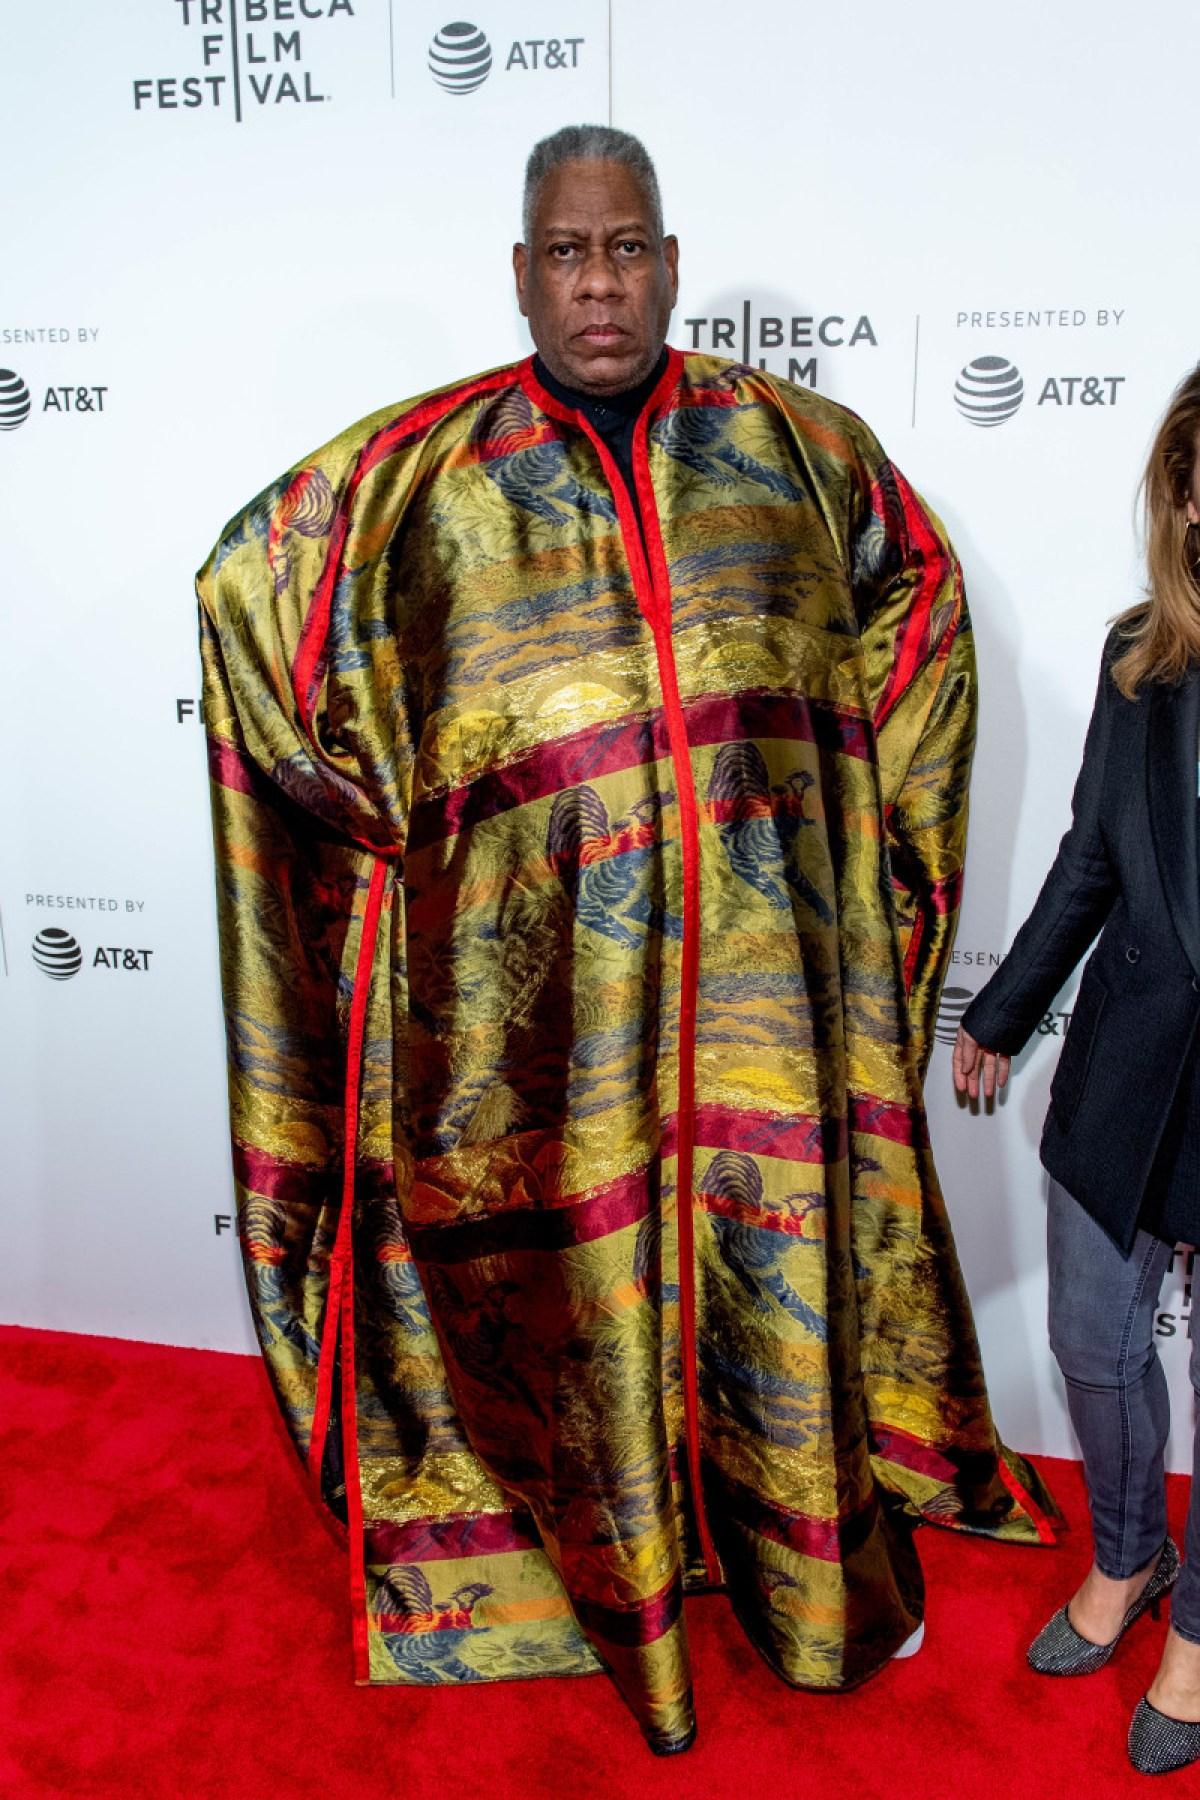 Photo: Roy Rochlin / Getty Images pour le Festival du film Tribeca